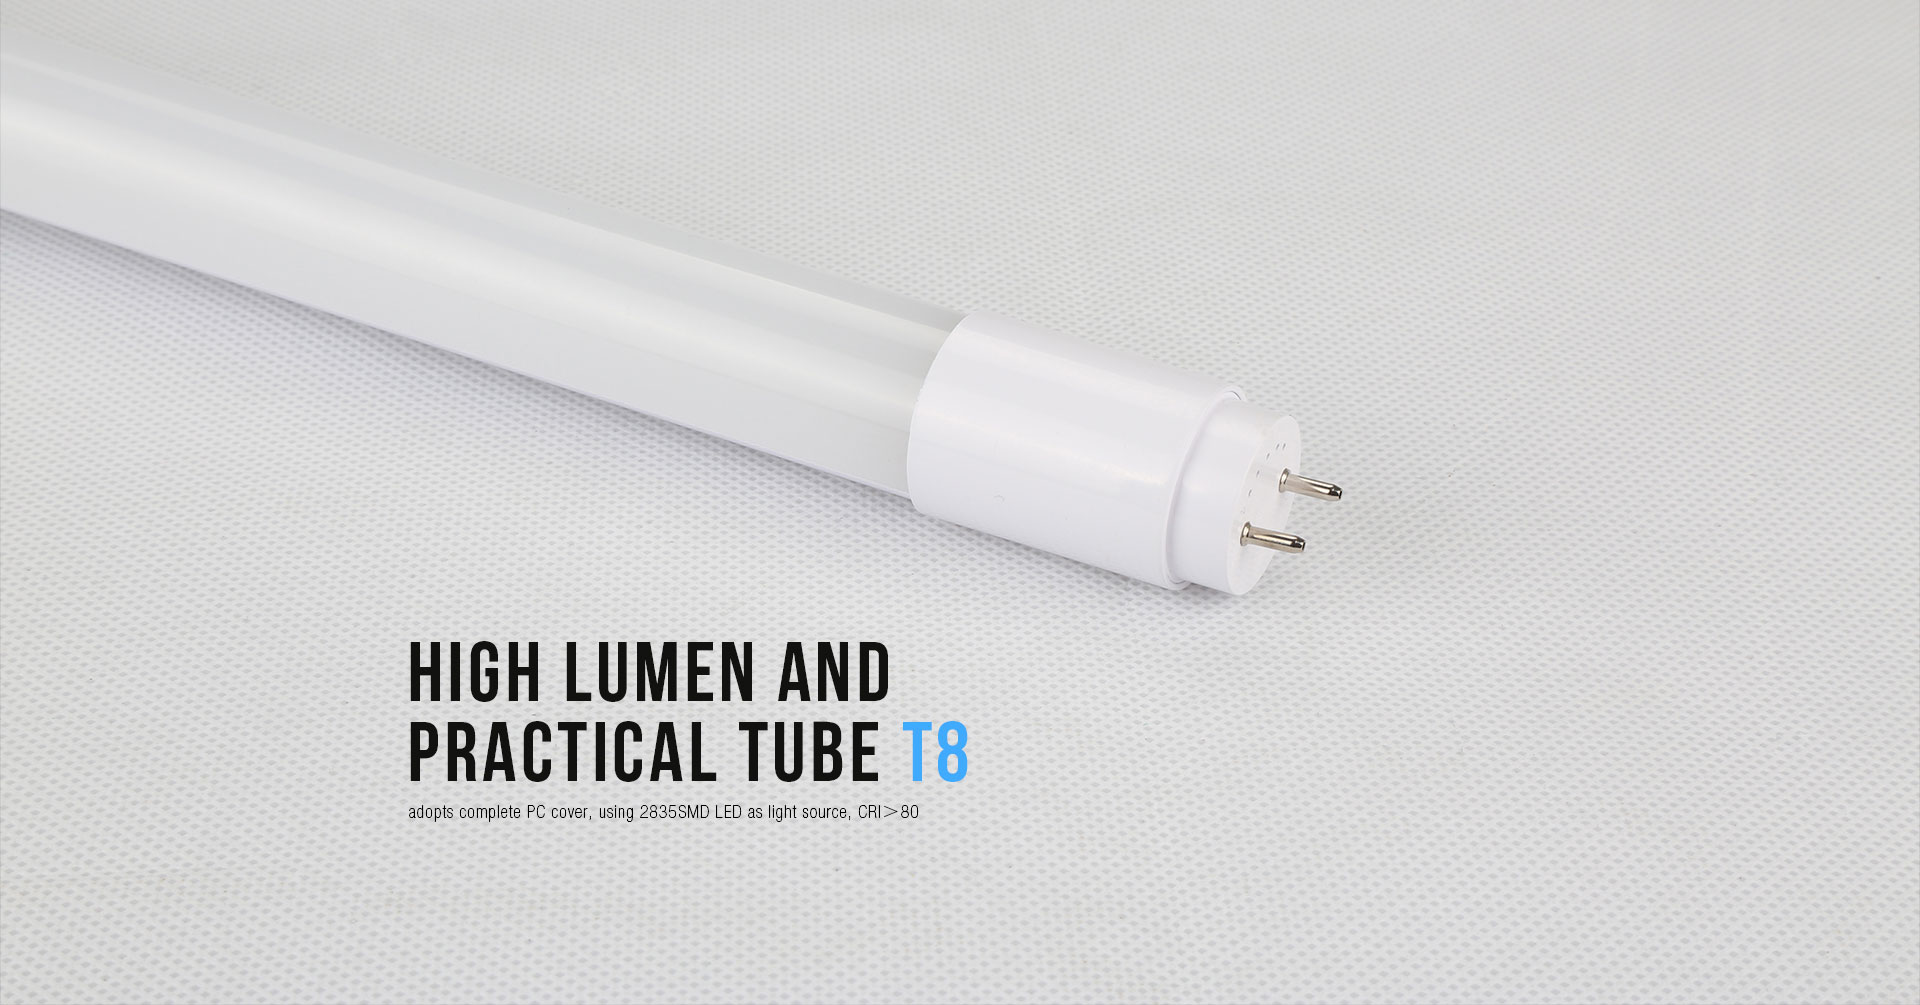 Bóng đèn led tube T8 Nanoco NT8T206 20W / 1,2m ( Bóng led tuýp T8 Nanoco NT8T206 20W dài 1,2m )